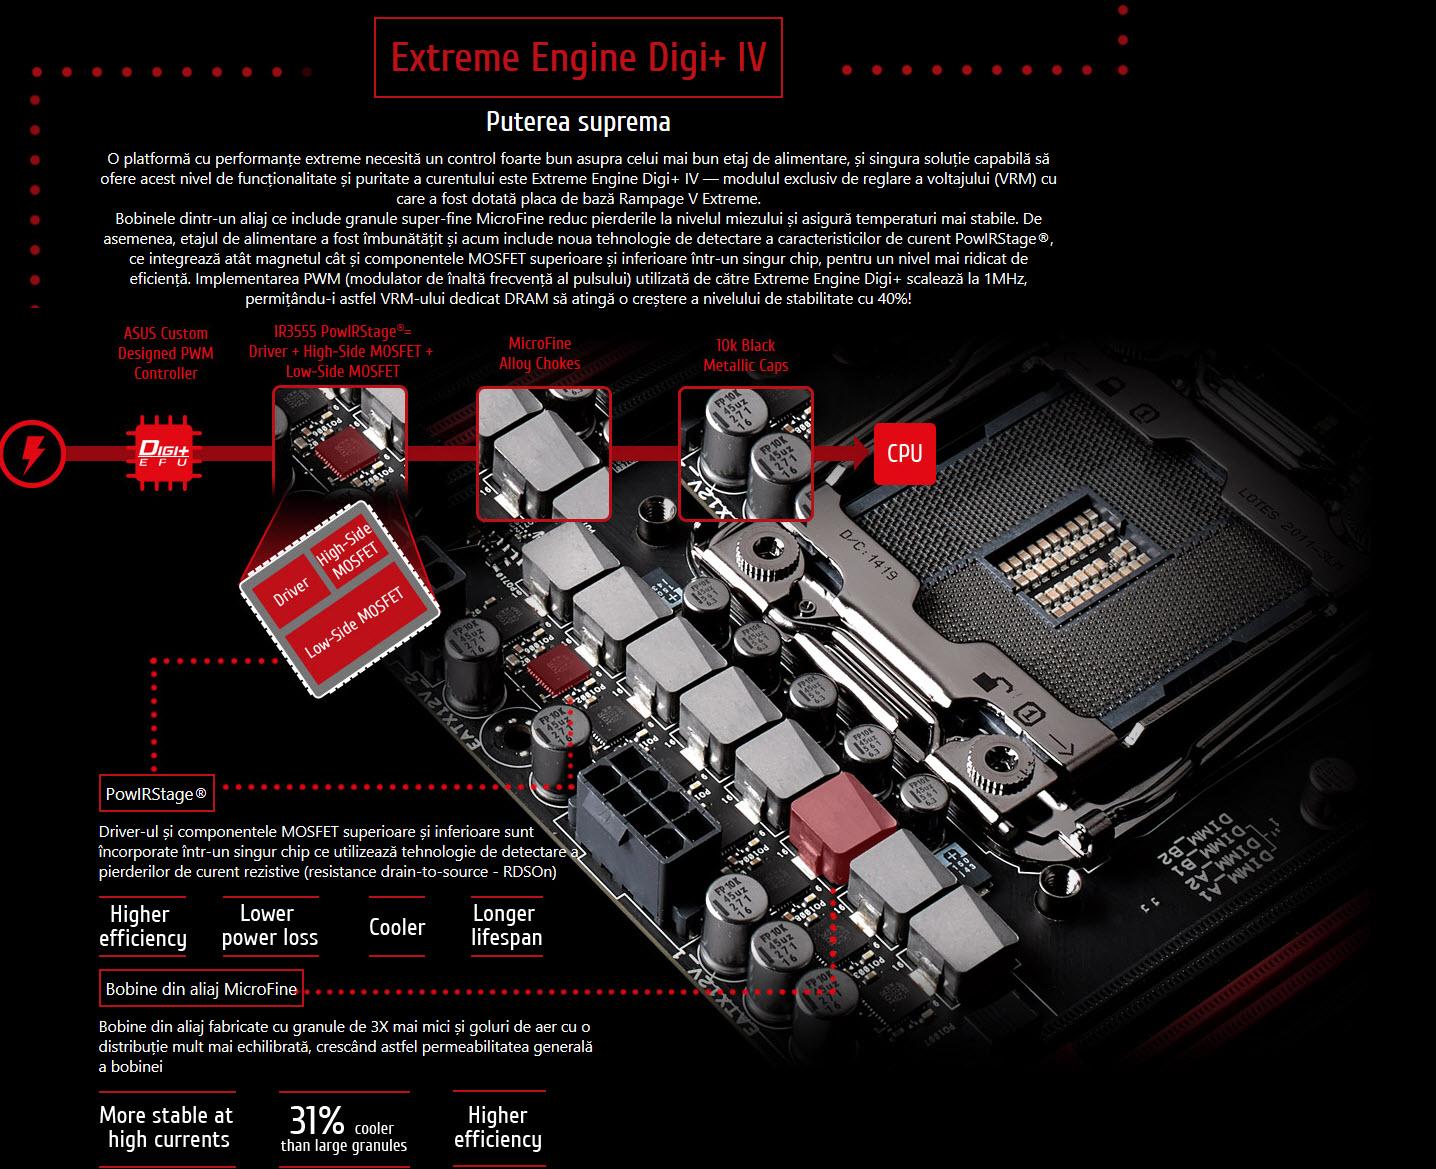 EXTREME ENGINE DIGI+IV